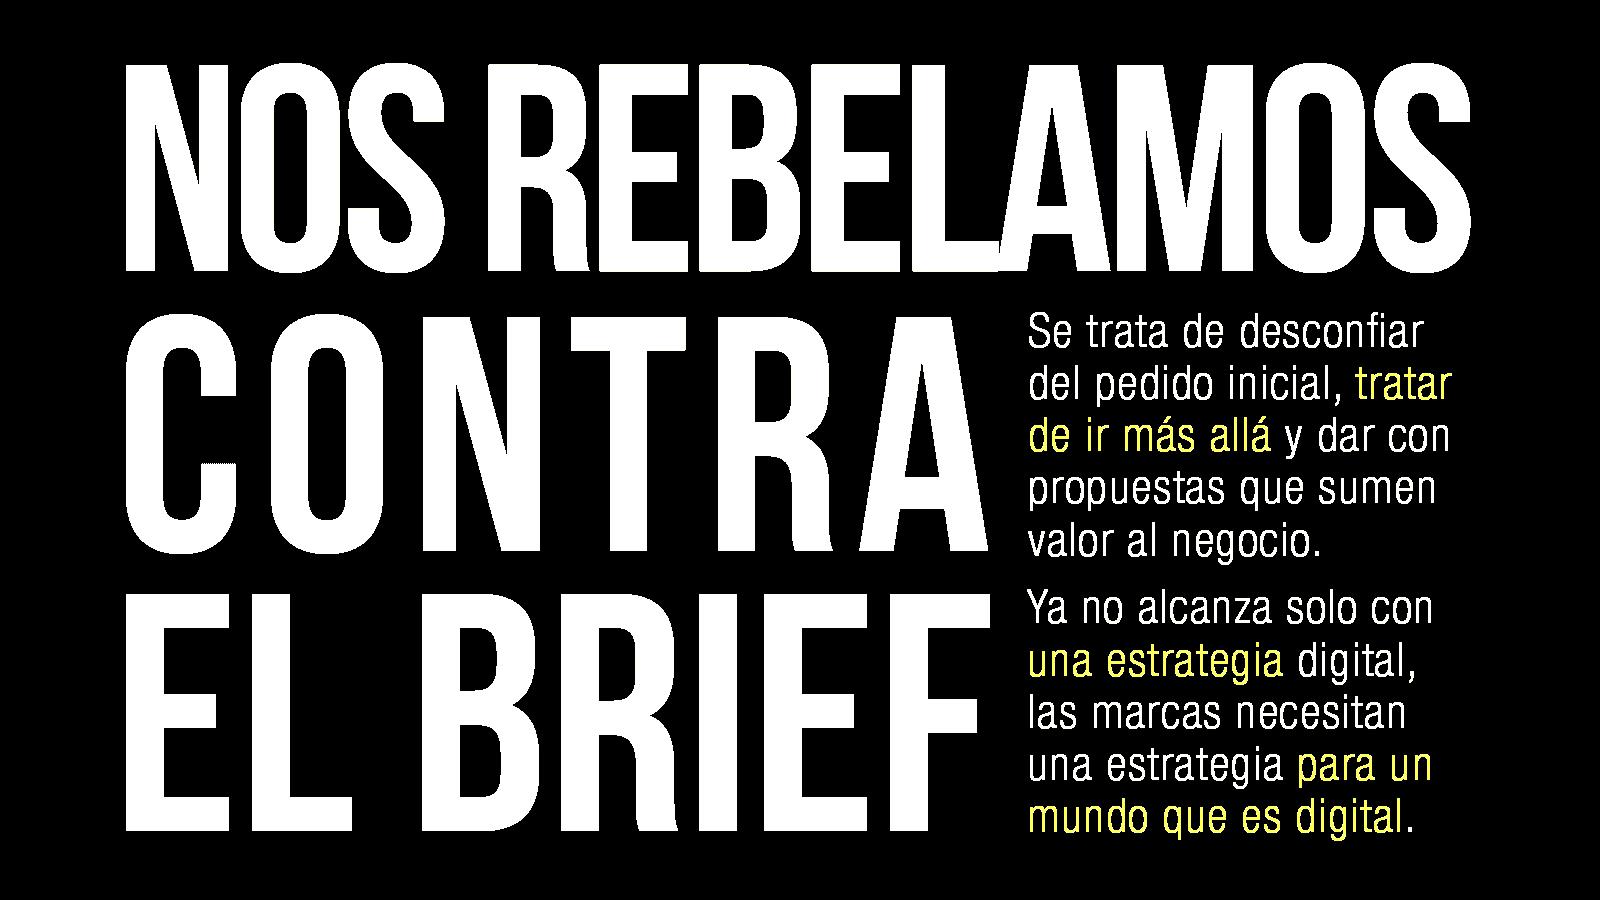 Lumia, nos rebelamos contra el brief